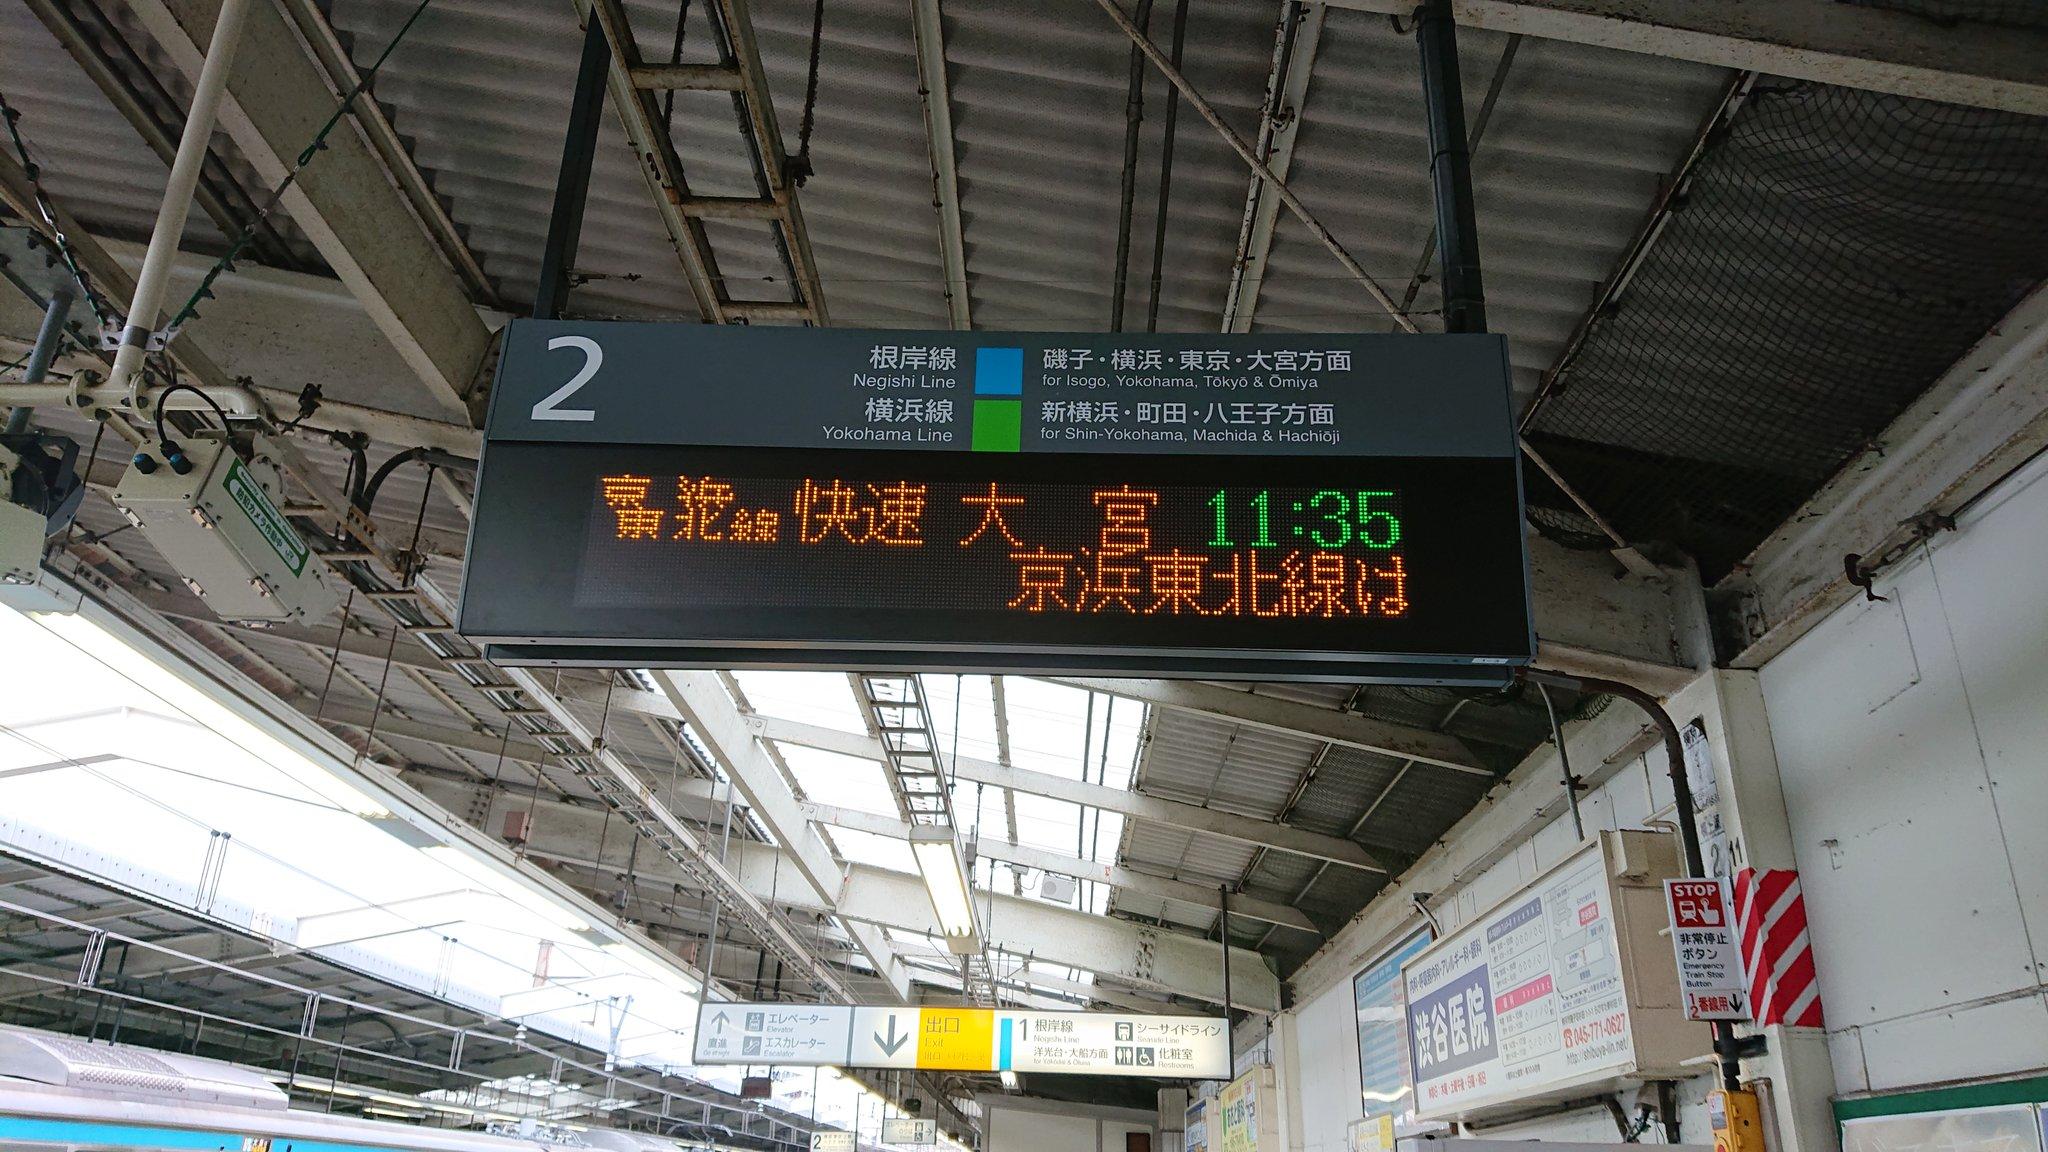 京浜東北線の上中里駅で人身事故が起きた掲示板の画像